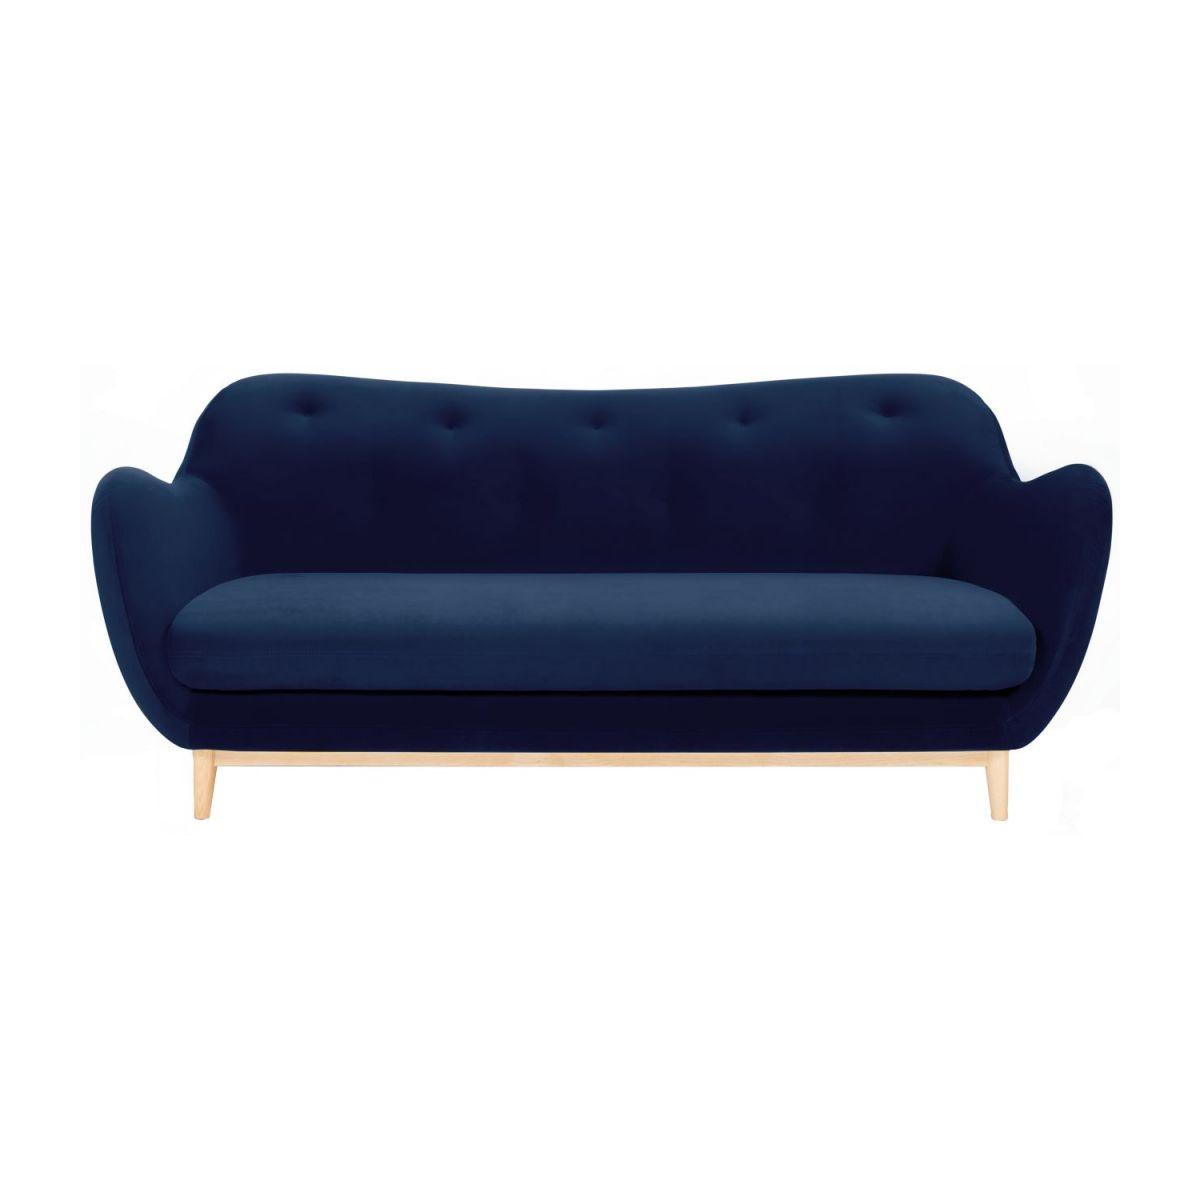 Full Size of Sofa Blau Melchior 3 Sitzer Aus Samt Habitat Terassen Abnehmbarer Bezug Lila Stressless Schlaffunktion Höffner Big Esstisch Günstig Kleines Hersteller Sofa Sofa Blau